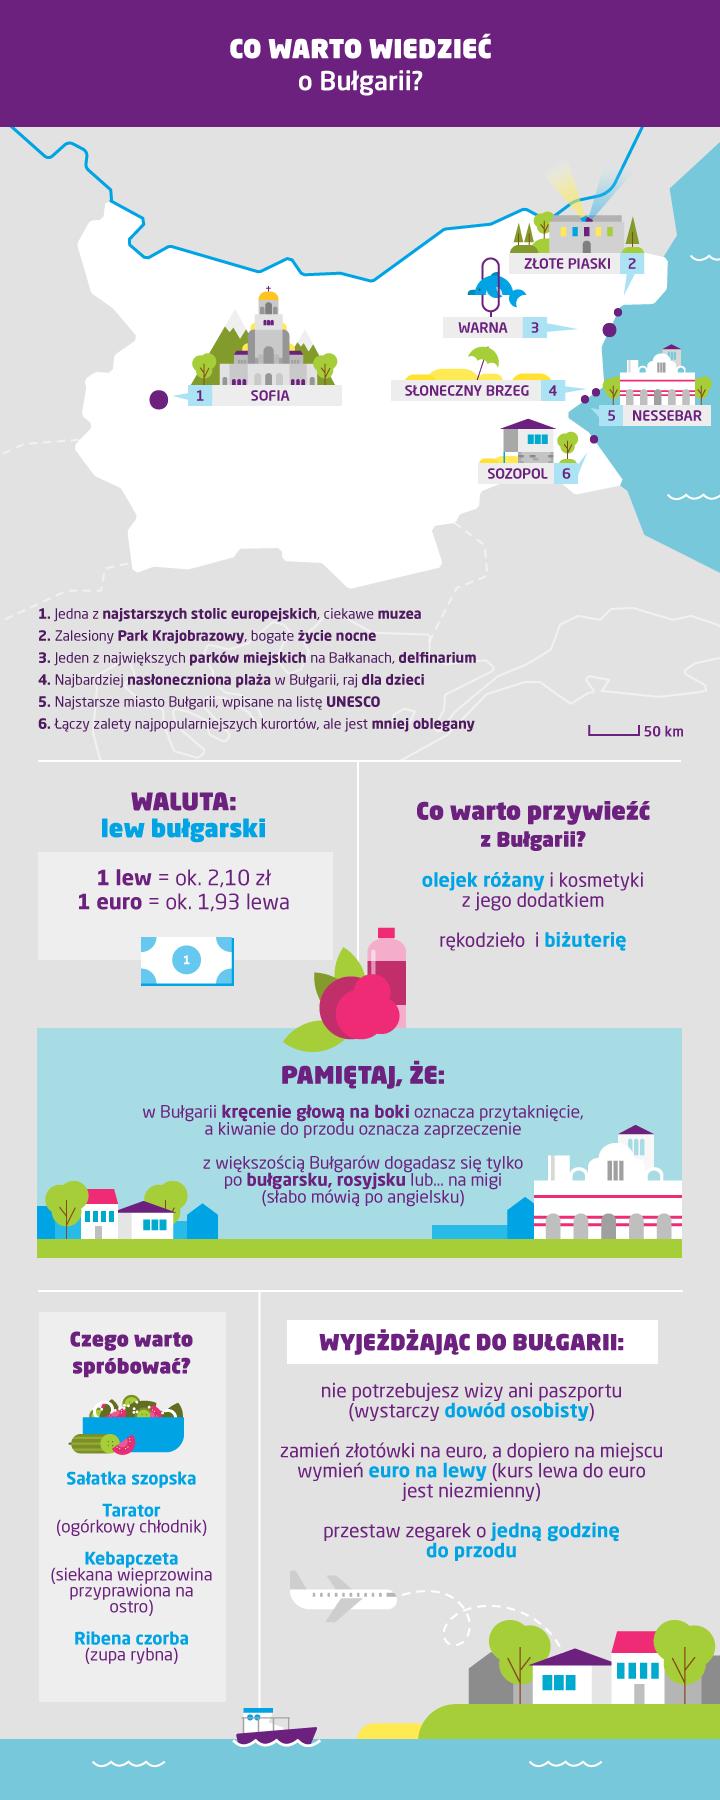 Bułgaria - co warto zobaczyć, co warto wiedzieć - infografika